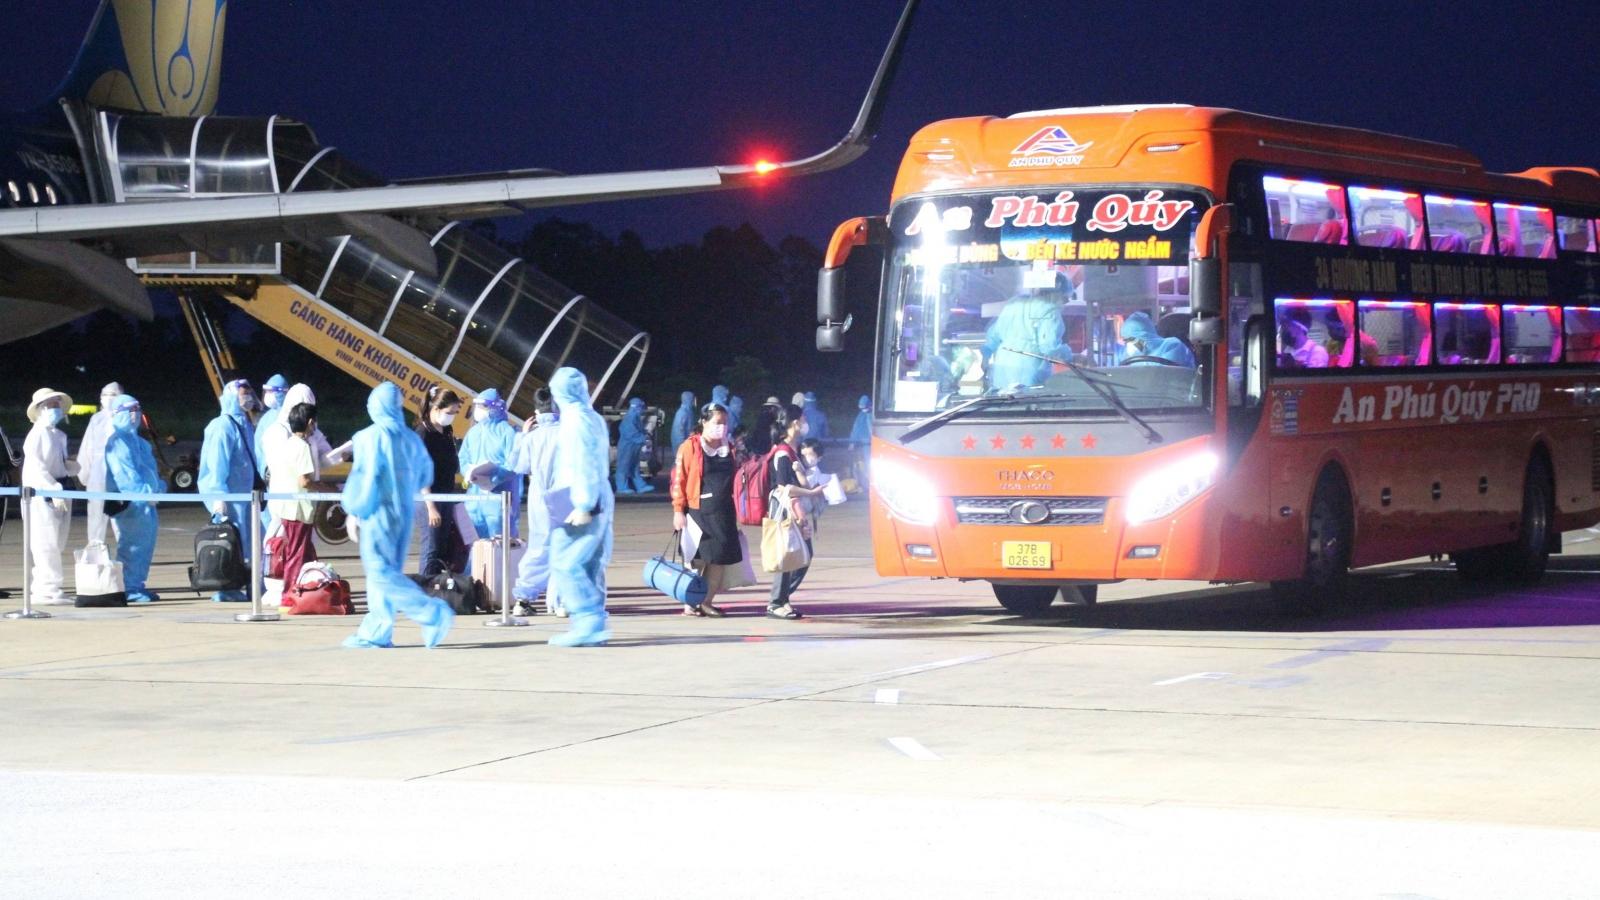 Chuyến bay đầu tiên chở 217 người Nghệ An hạ cánh nơi quê nhà